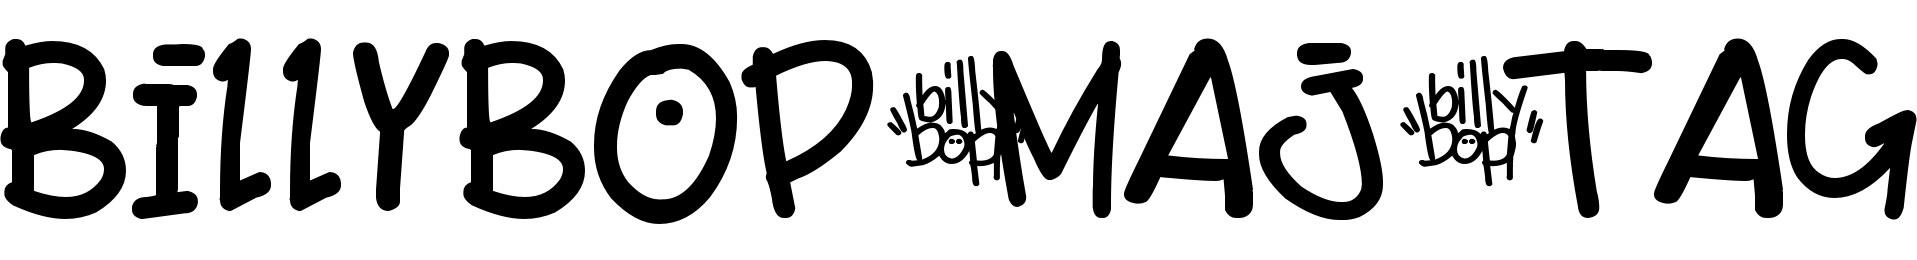 BillyBop_maj_tag